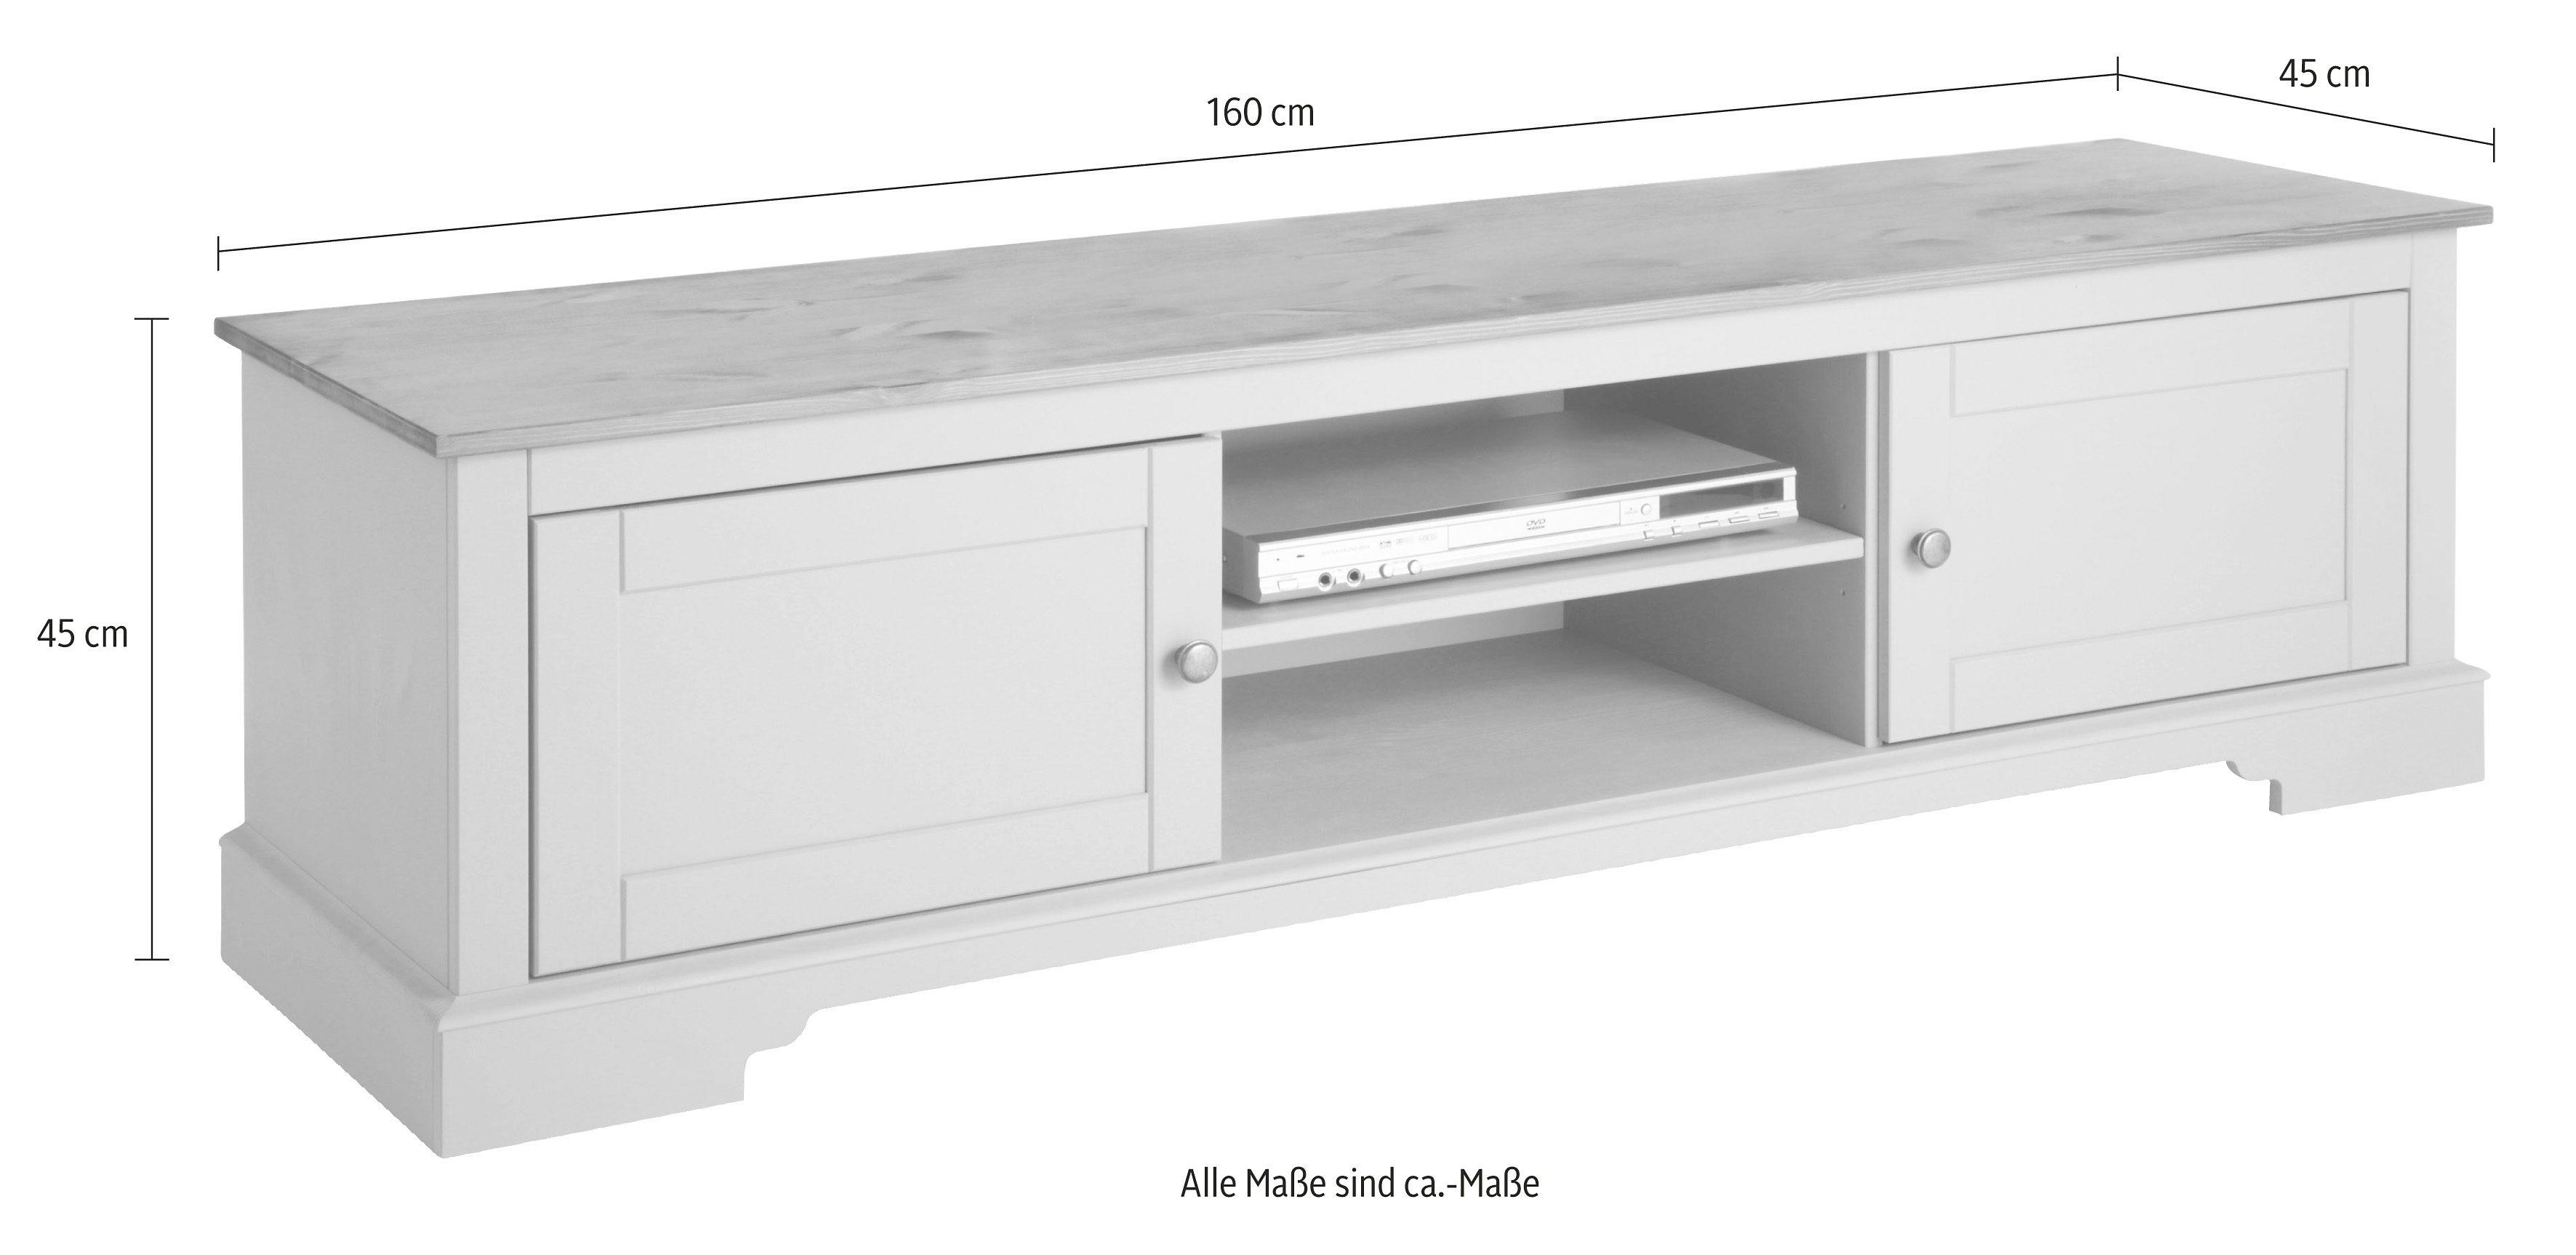 Lowboard, Home affaire, »Meret«, Breite 160 cm